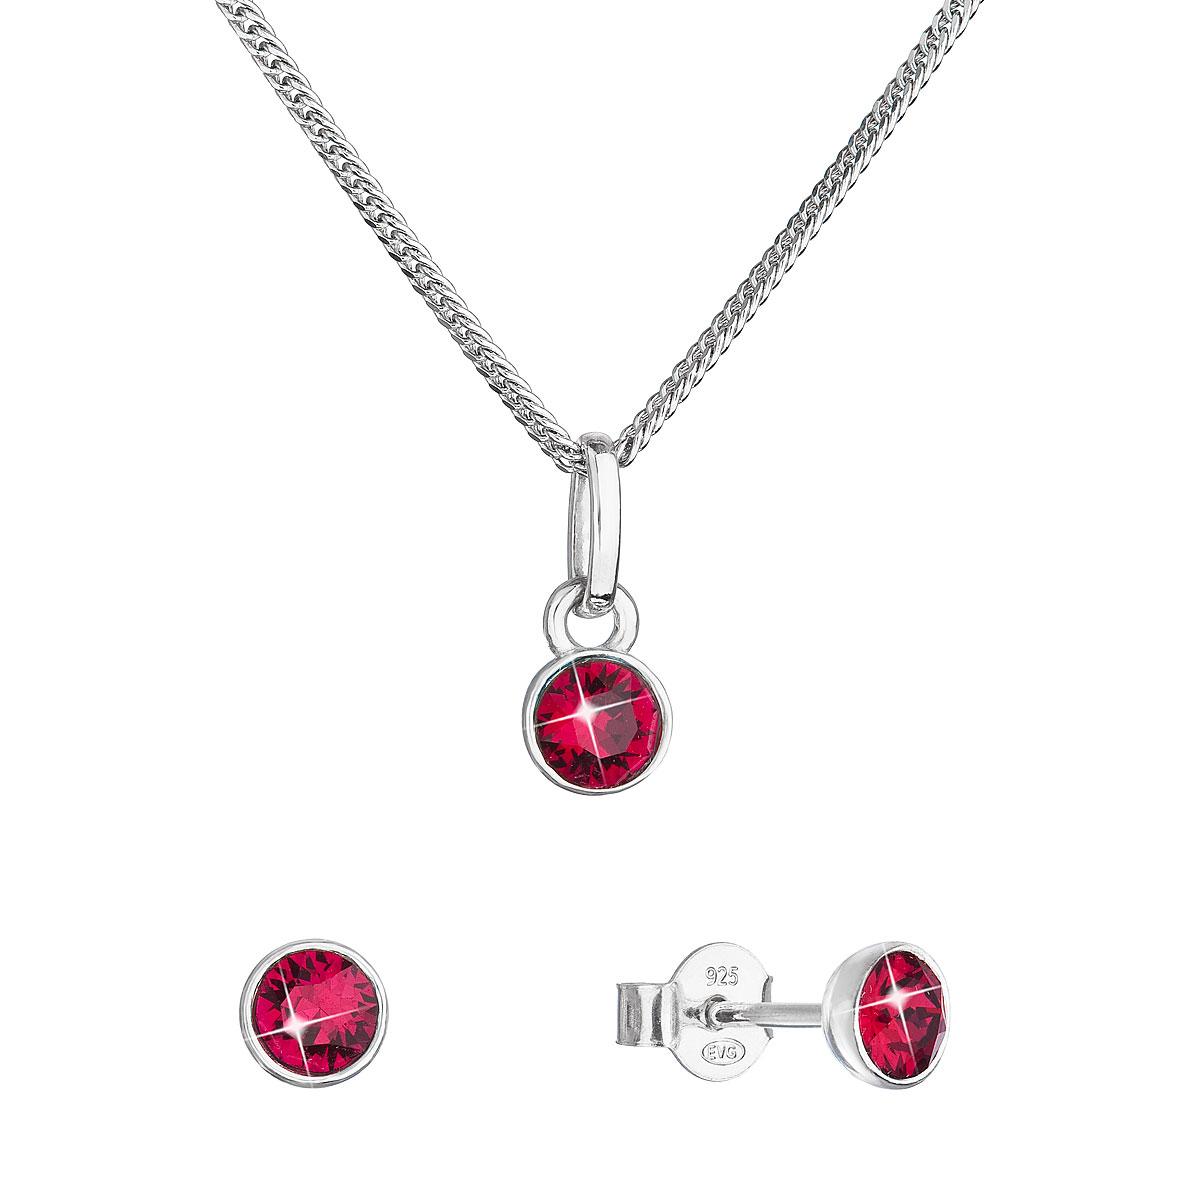 Evolution Group Sada šperků s krystaly Swarovski náušnice, řetízek a přívěsek červené 39177.3 ruby